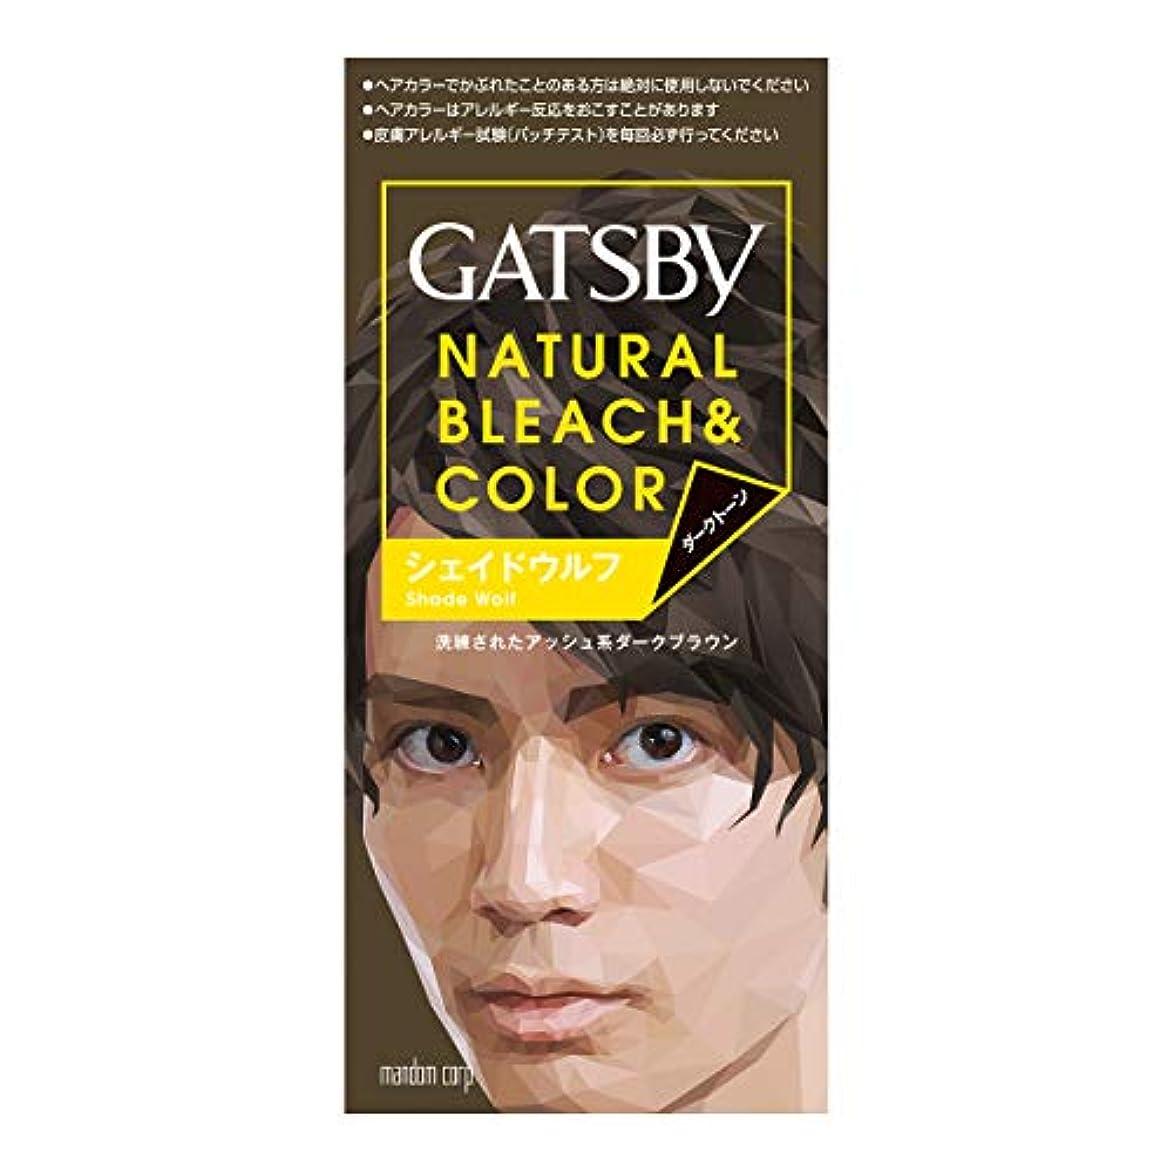 予想外ポスト印象派変化GATSBY(ギャツビー) ナチュラルブリーチカラー シェイドウルフ 1剤35g 2剤70mL (医薬部外品)